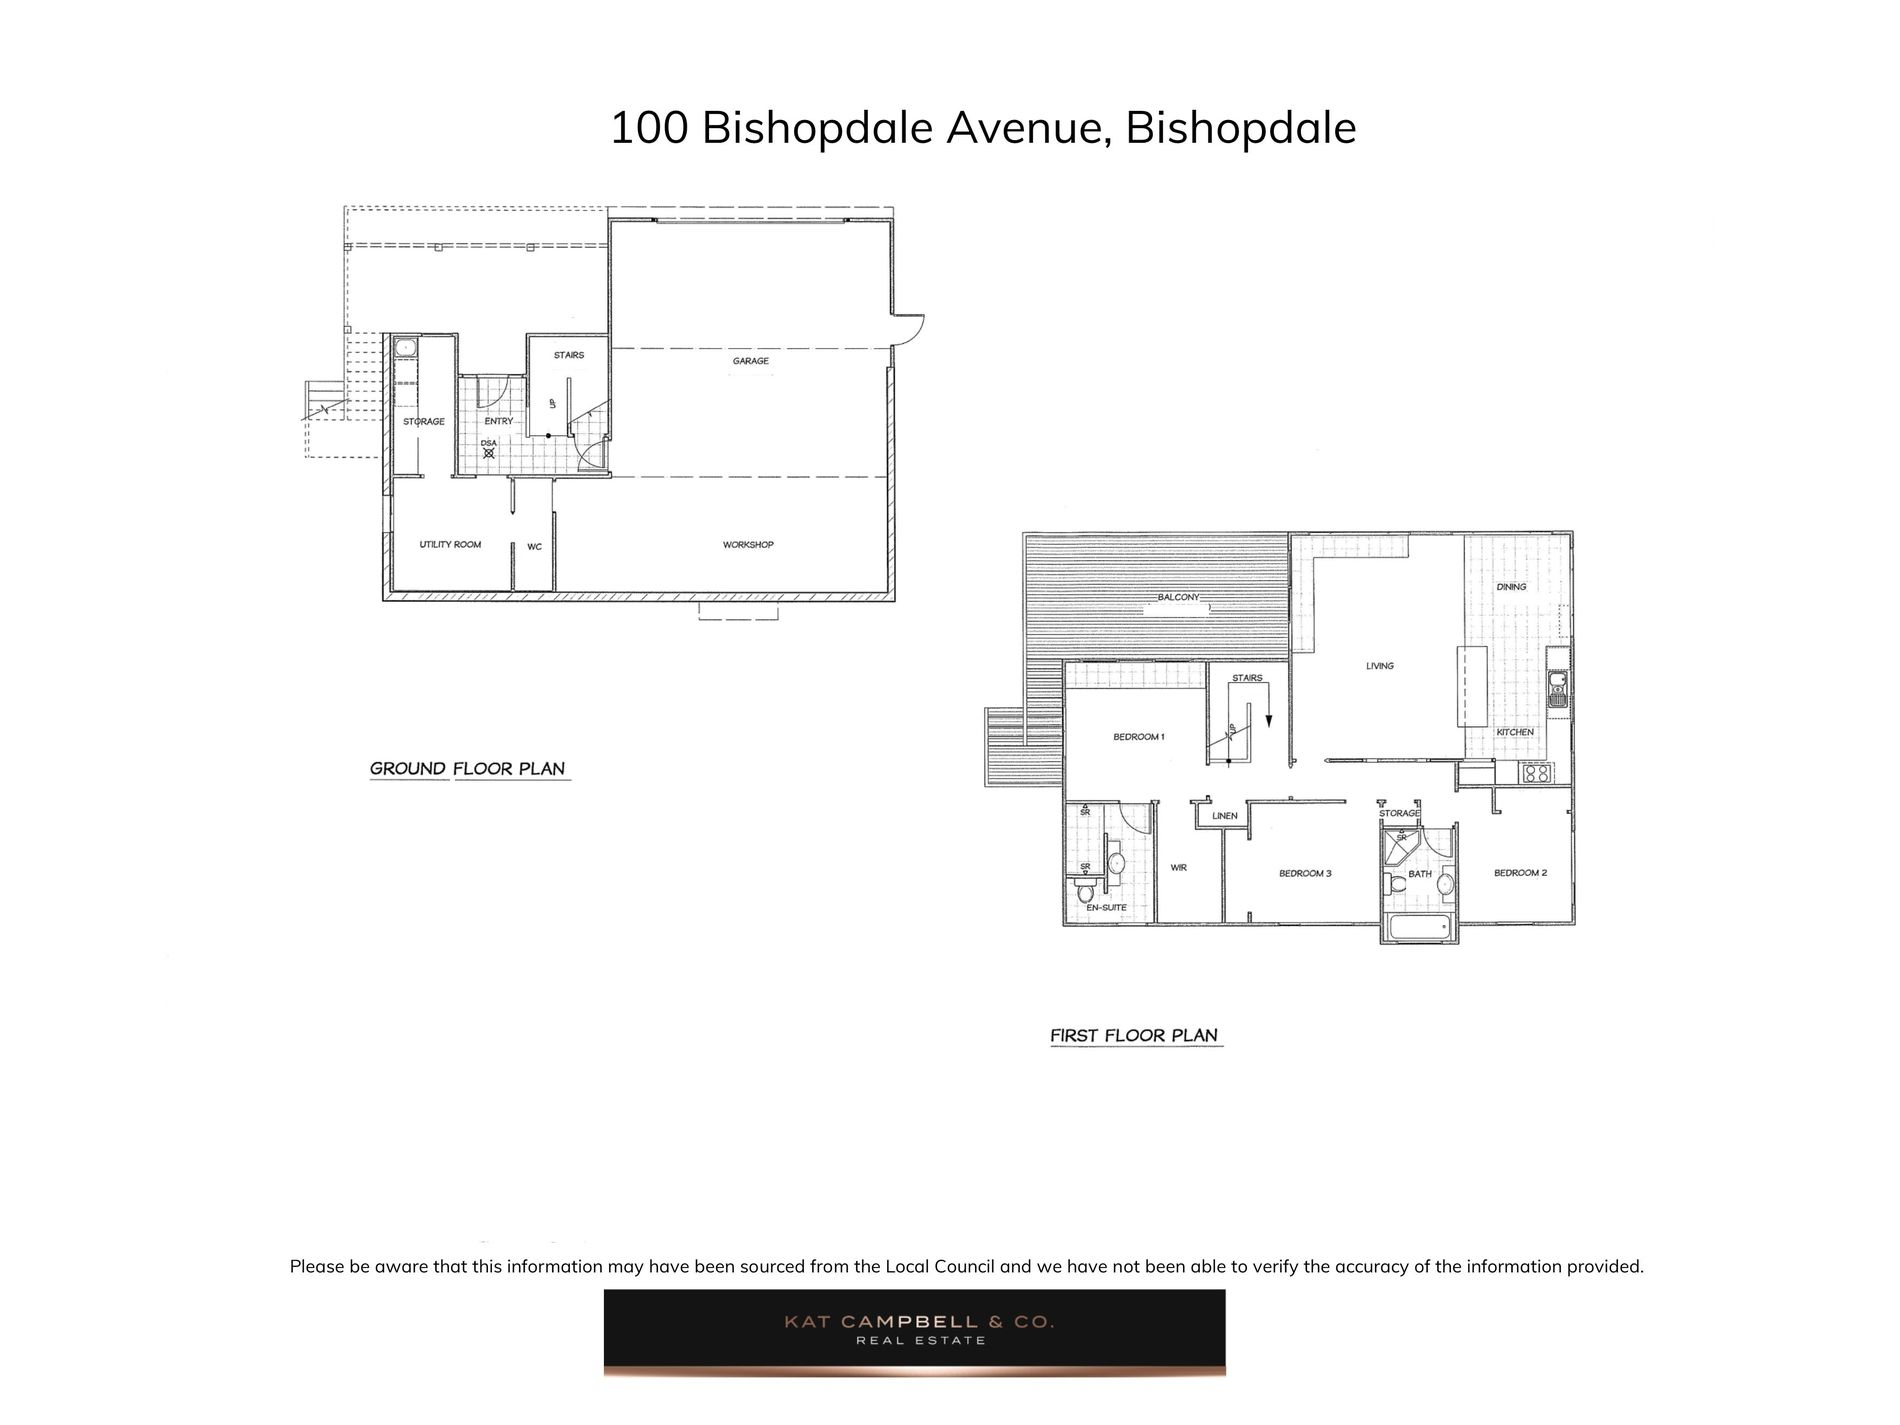 100 Bishopdale Avenue, Bishopdale